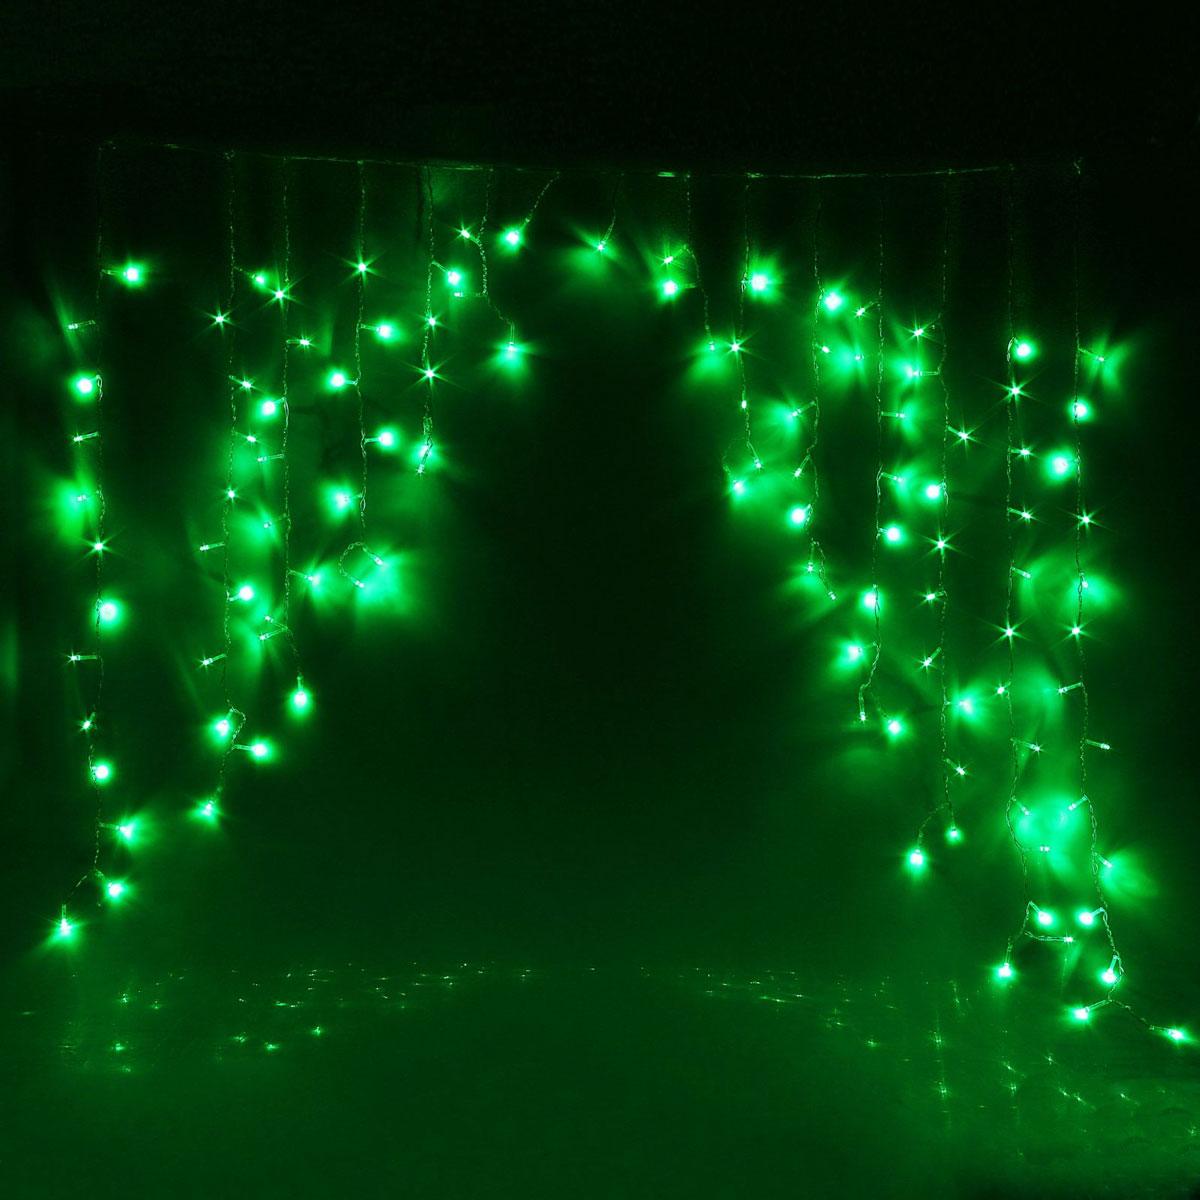 Гирлянда светодиодная Luazon Бахрома. Арка, 8 режимов, 126 ламп, 220 V, цвет: зеленый, 1 х 1 м. 10804331080433Светодиодные гирлянды, ленты и т.д — это отличный вариант для новогоднего оформления интерьера или фасада. С их помощью помещение любого размера можно превратить в праздничный зал, а внешние элементы зданий, украшенные ими, мгновенно станут напоминать очертания сказочного дворца. Такие украшения создают ауру предвкушения чуда. Деревья, фасады, витрины, окна и арки будто специально созданы, чтобы вы украсили их светящимися нитями.